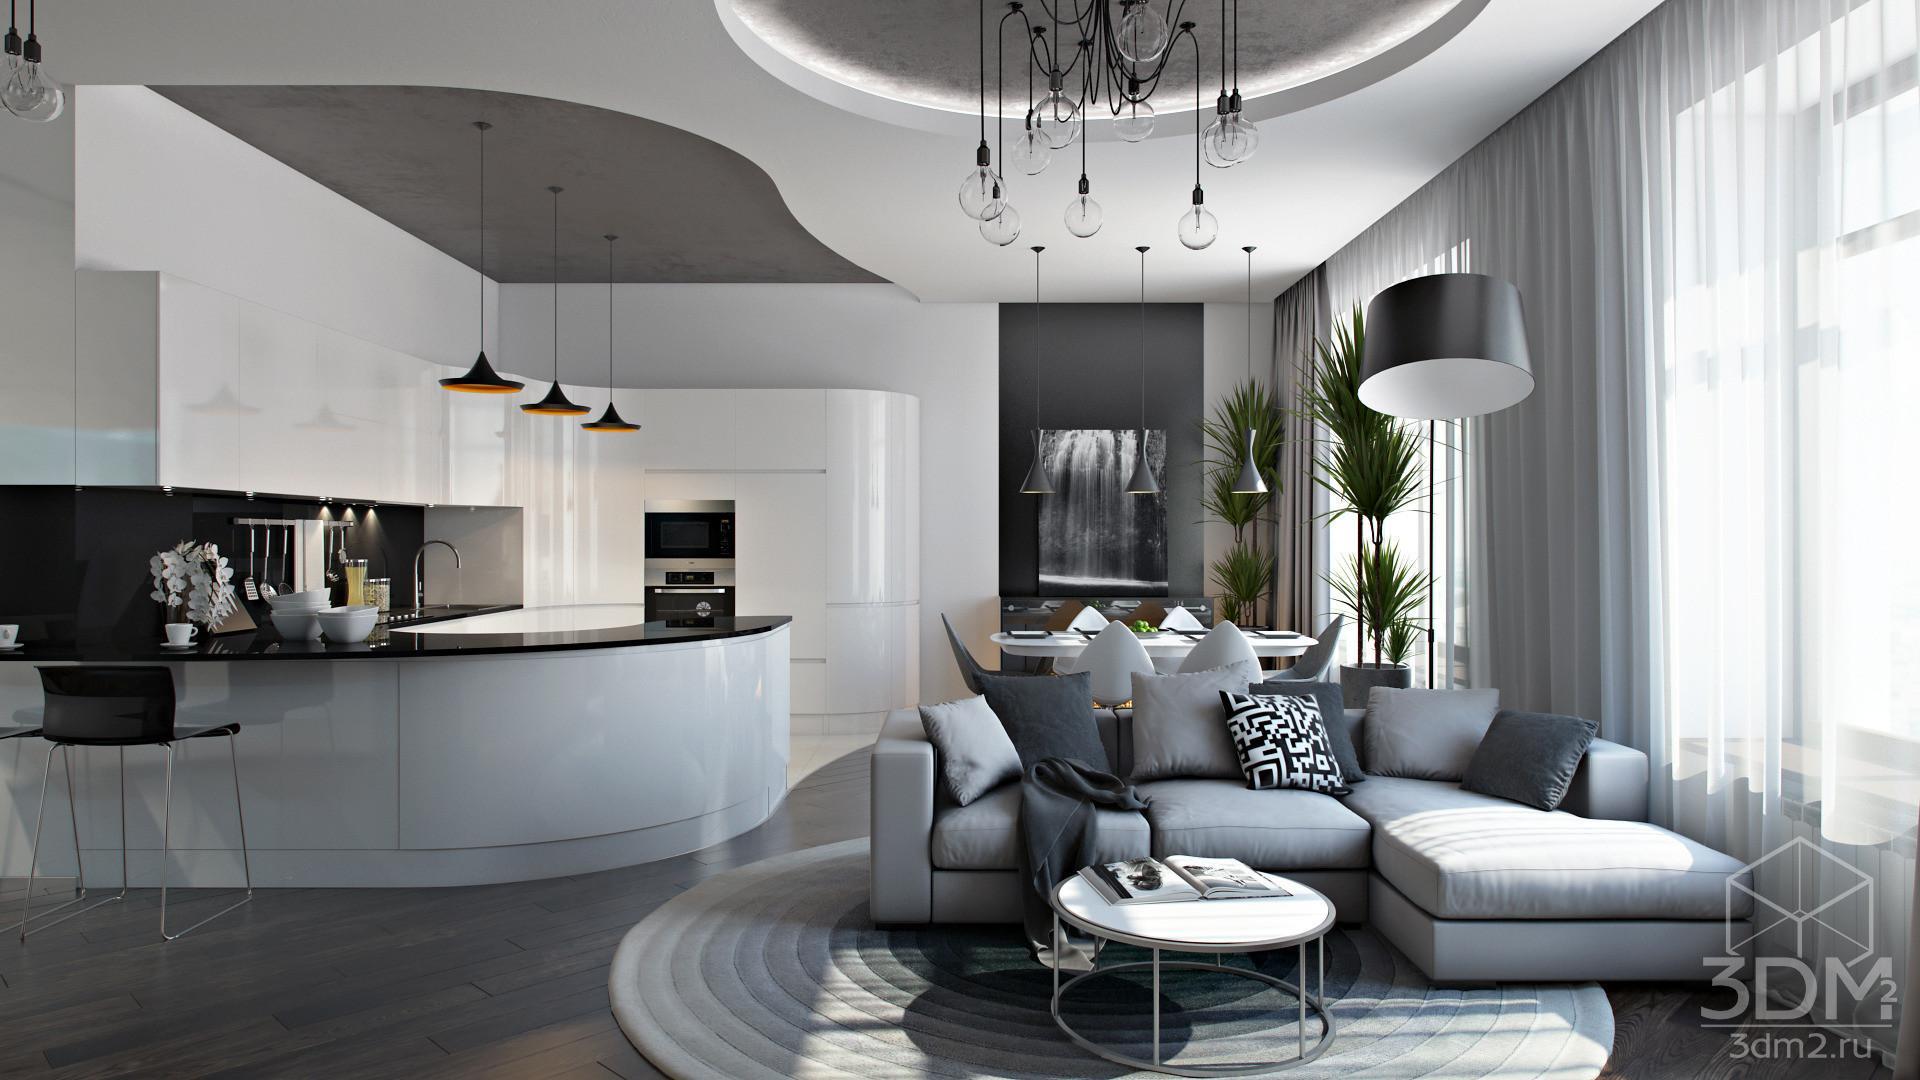 Дизайн интерьера квартир в стиле хай-тек